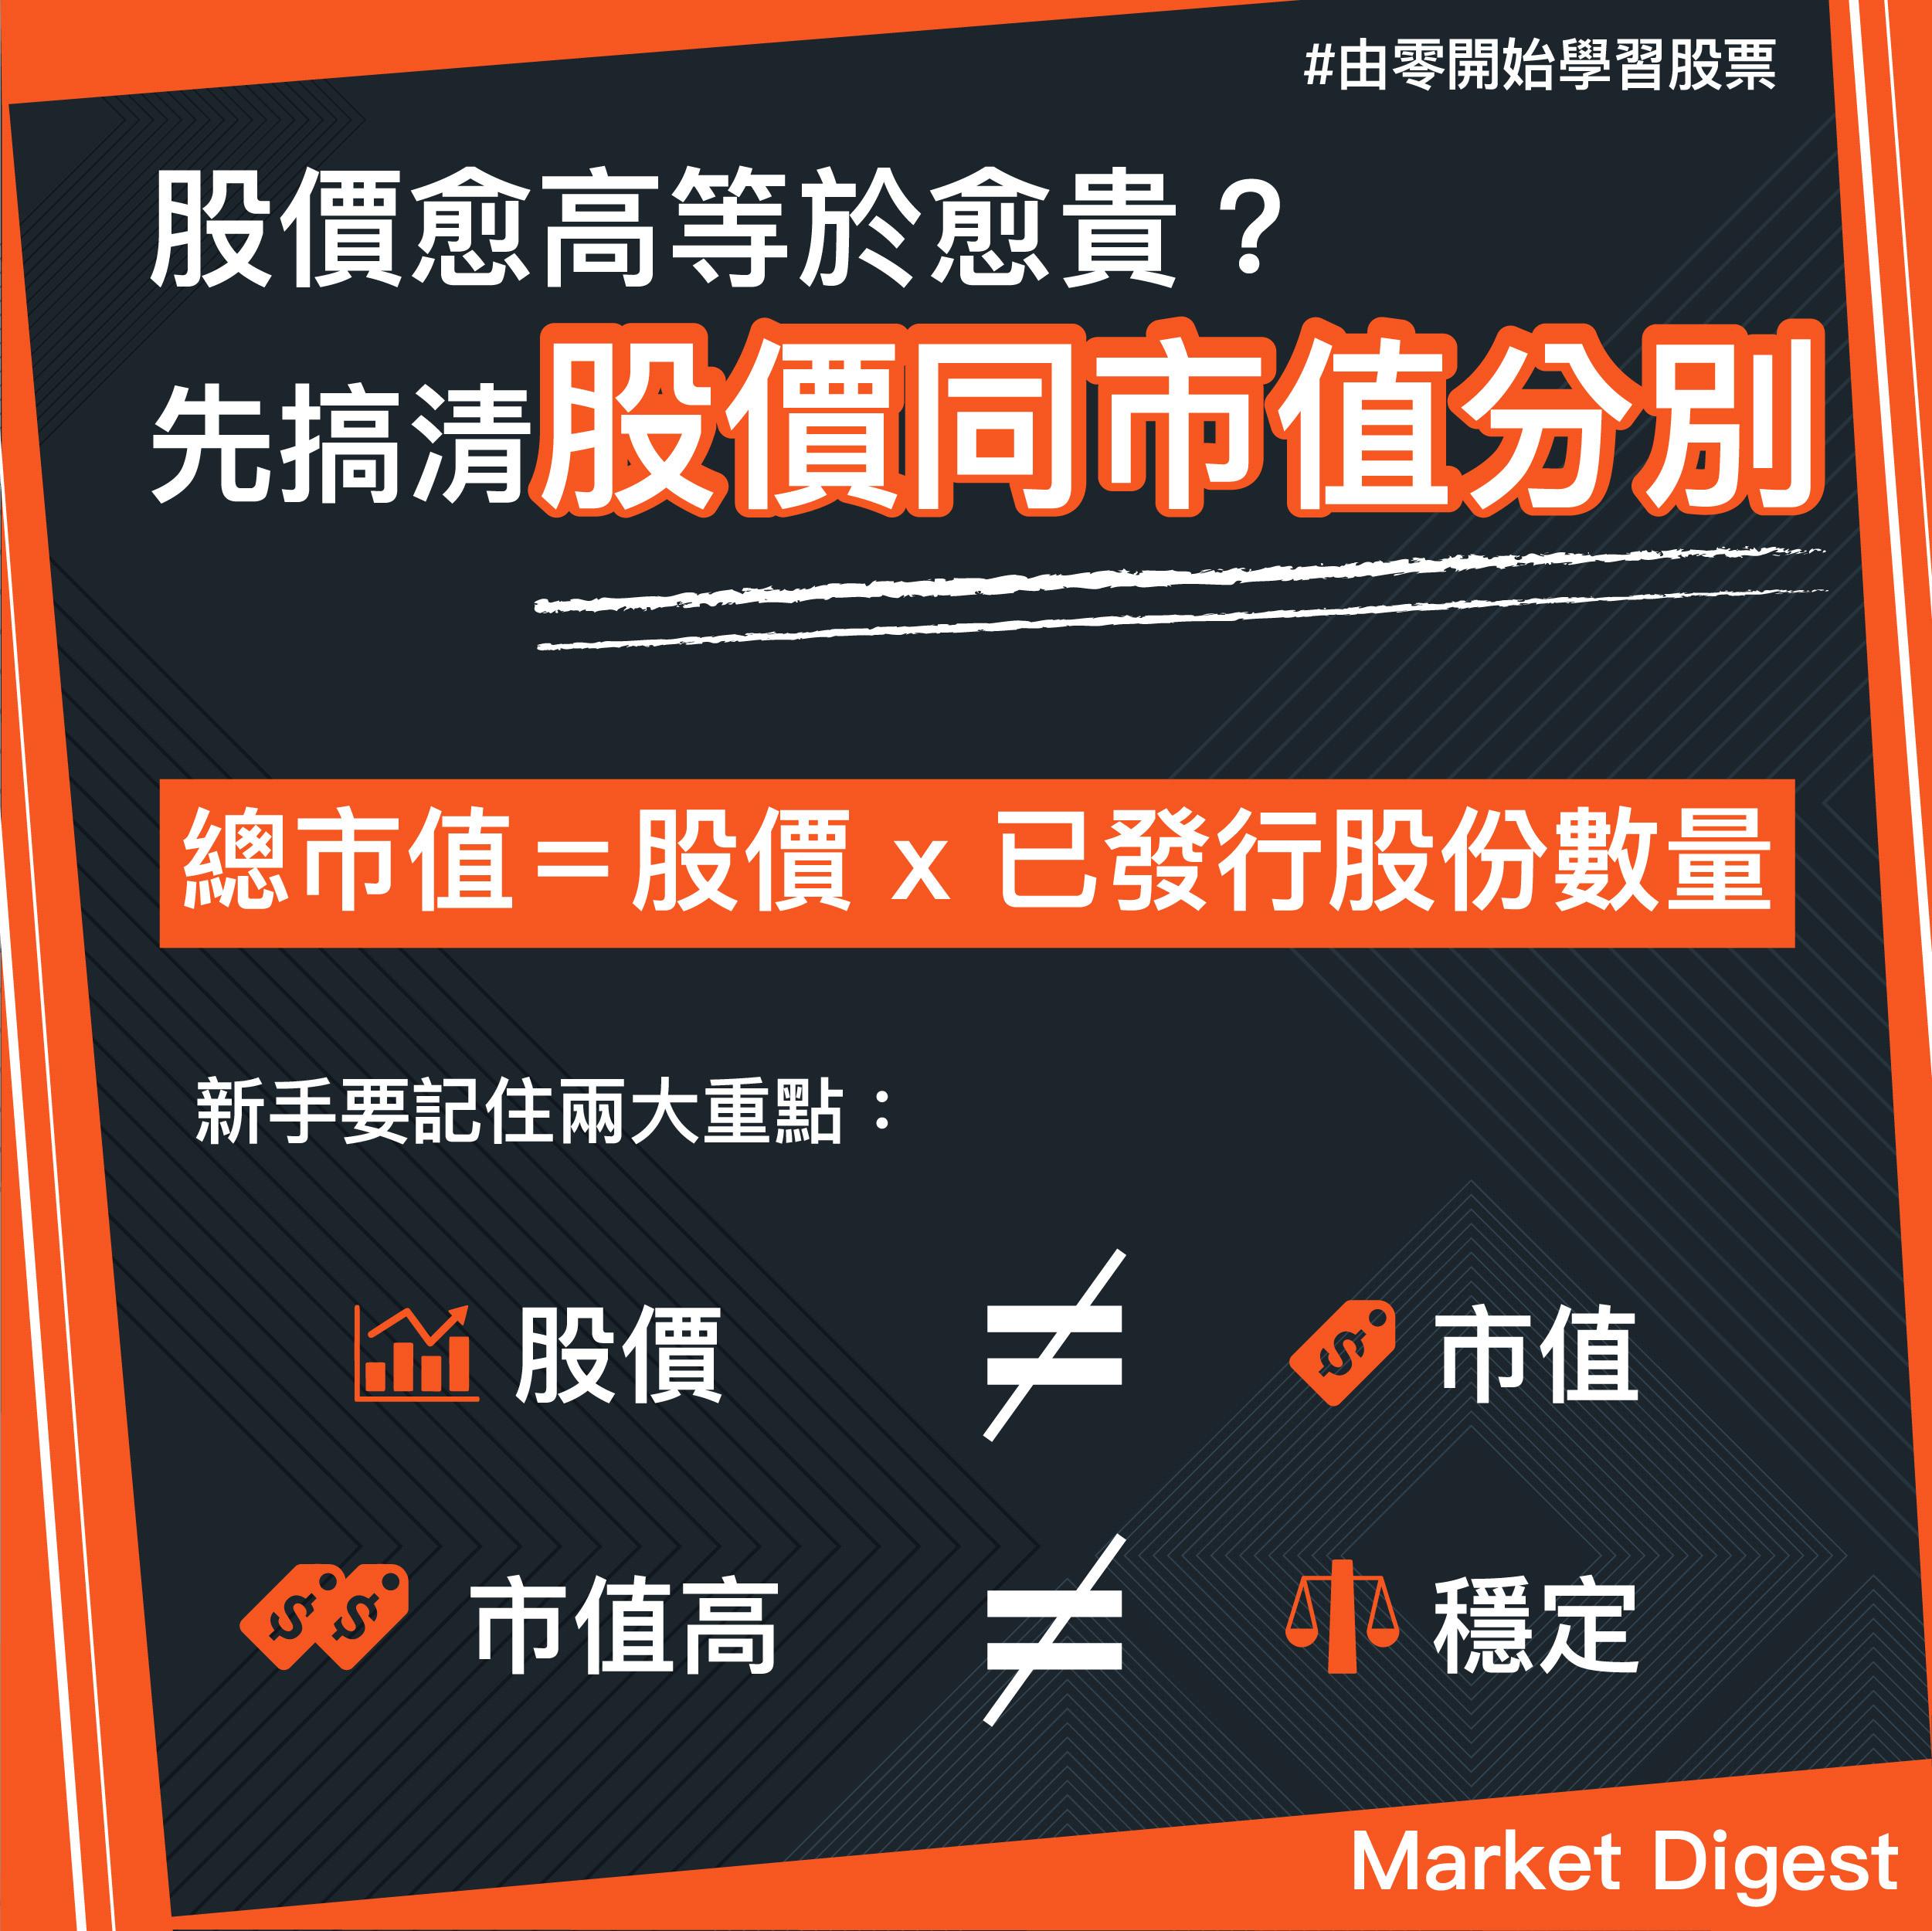 【由零開始學習股票】股價愈高等於愈貴?先搞清股價同市值分別